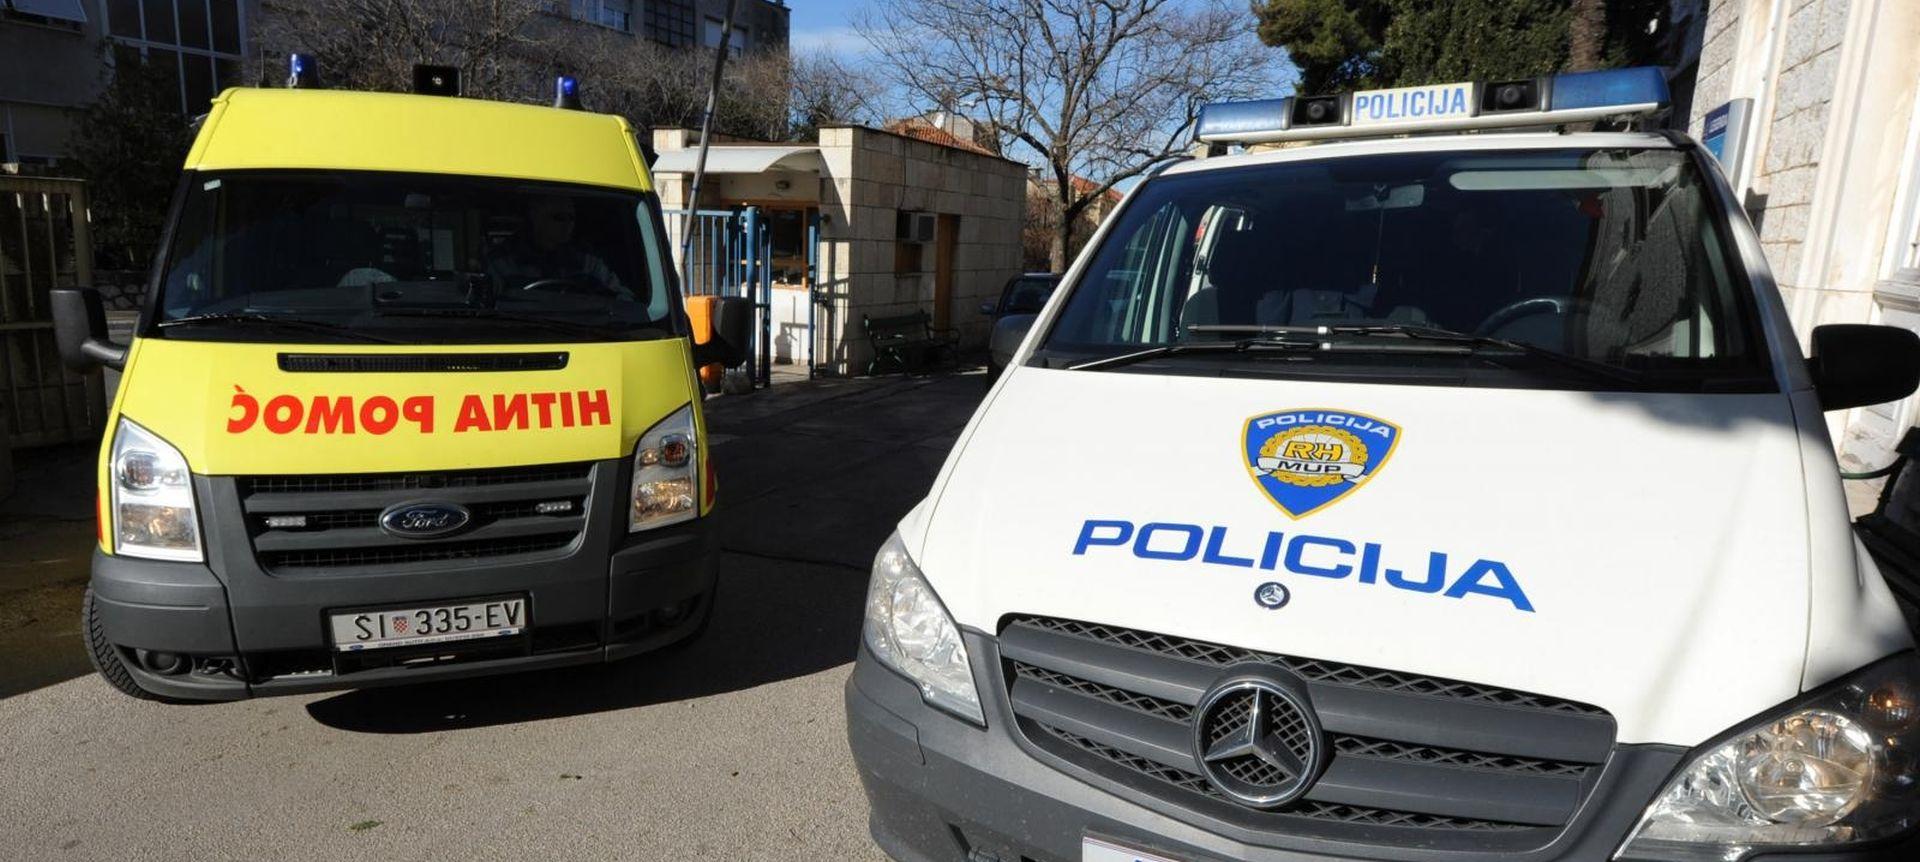 Teška nesreća kod Vukove Gorice, dvoje mrtvih